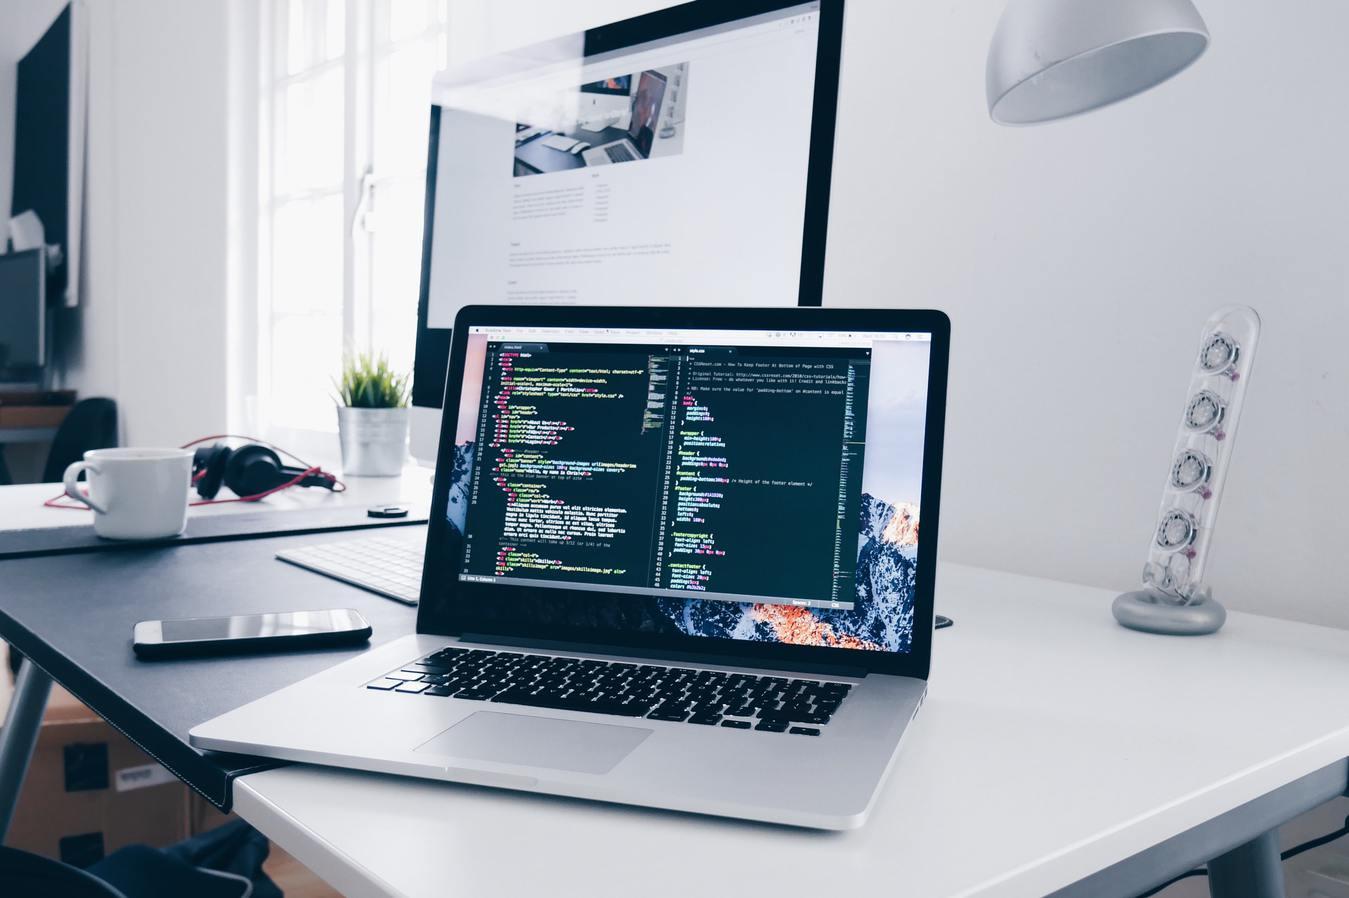 Laptop yang menampilkan kode di atas meja putih